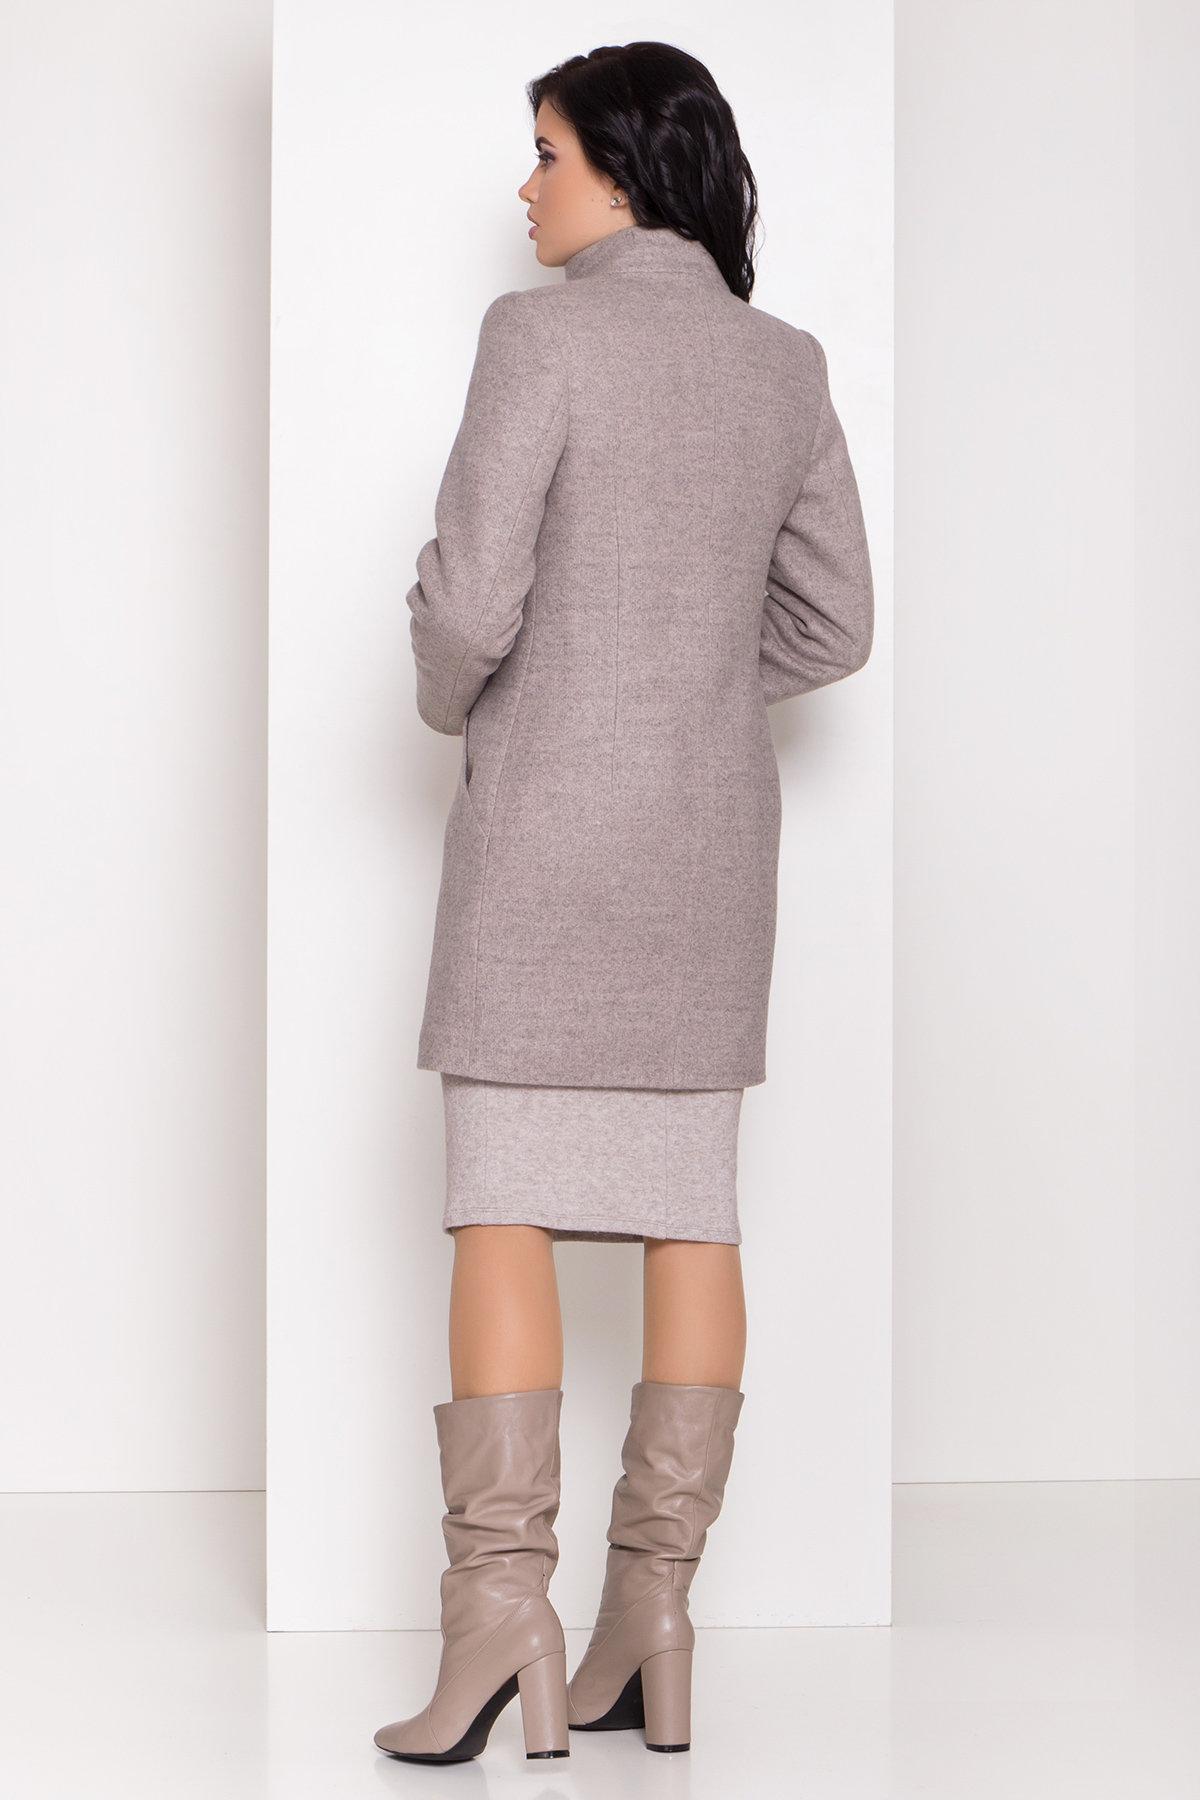 Зимнее пальто с круговым шарфом  Сплит 8406 АРТ. 44632 Цвет: Бежевый 31 - фото 3, интернет магазин tm-modus.ru